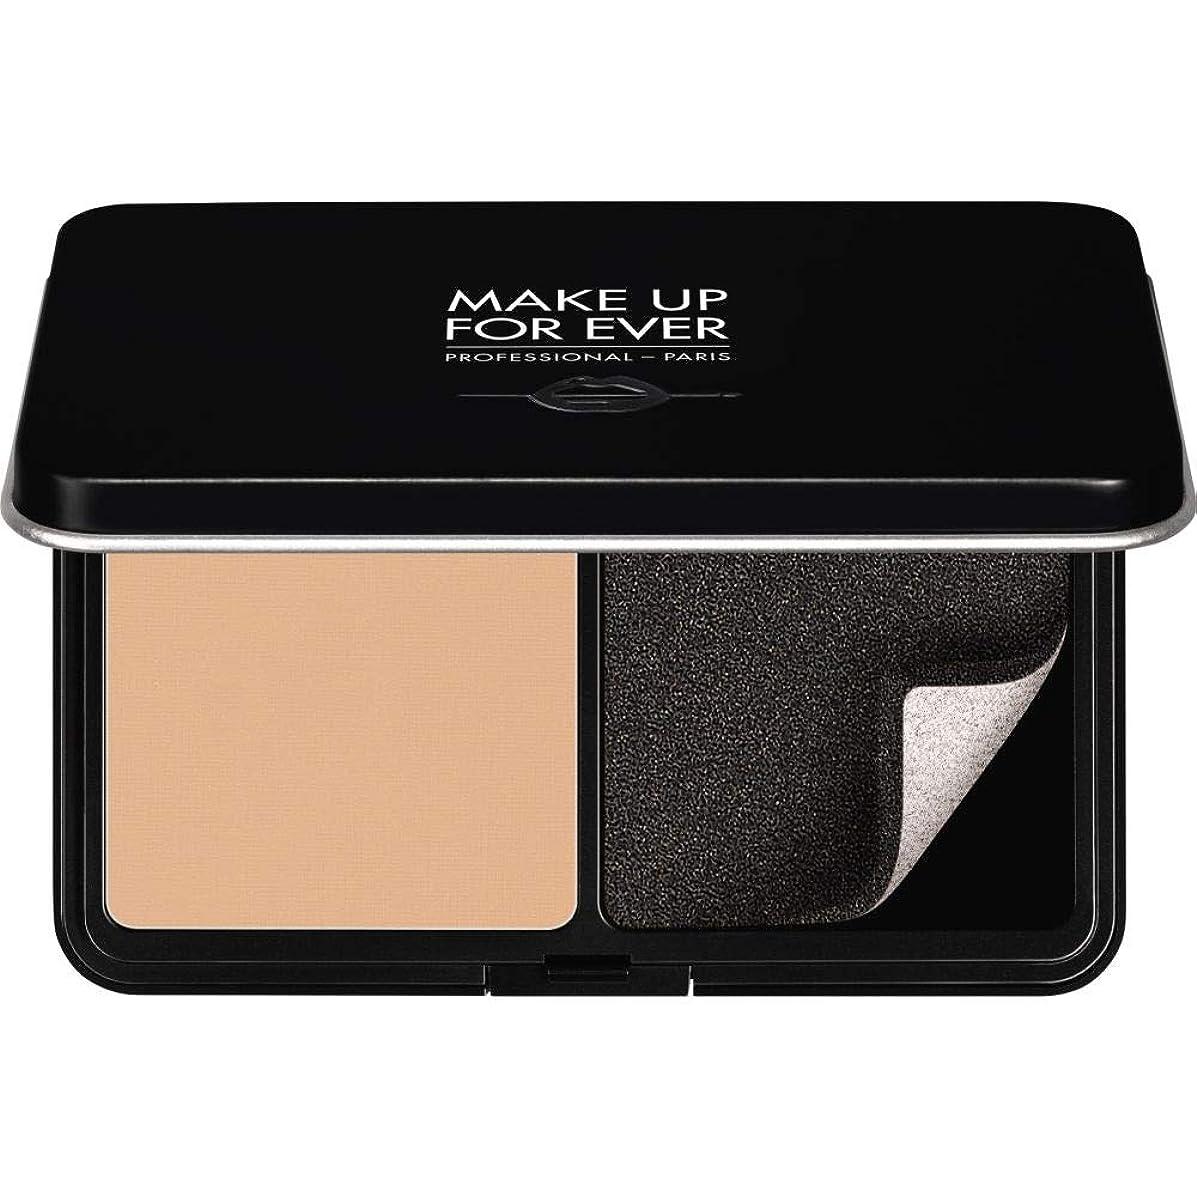 好戦的なメイド娘[MAKE UP FOR EVER ] これまでマットベルベットの肌は、パウダーファンデーション11GののR250をぼかすために作る - ヌードベージュ - MAKE UP FOR EVER Matte Velvet Skin Blurring Powder Foundation 11g R250 - Beige Nude [並行輸入品]